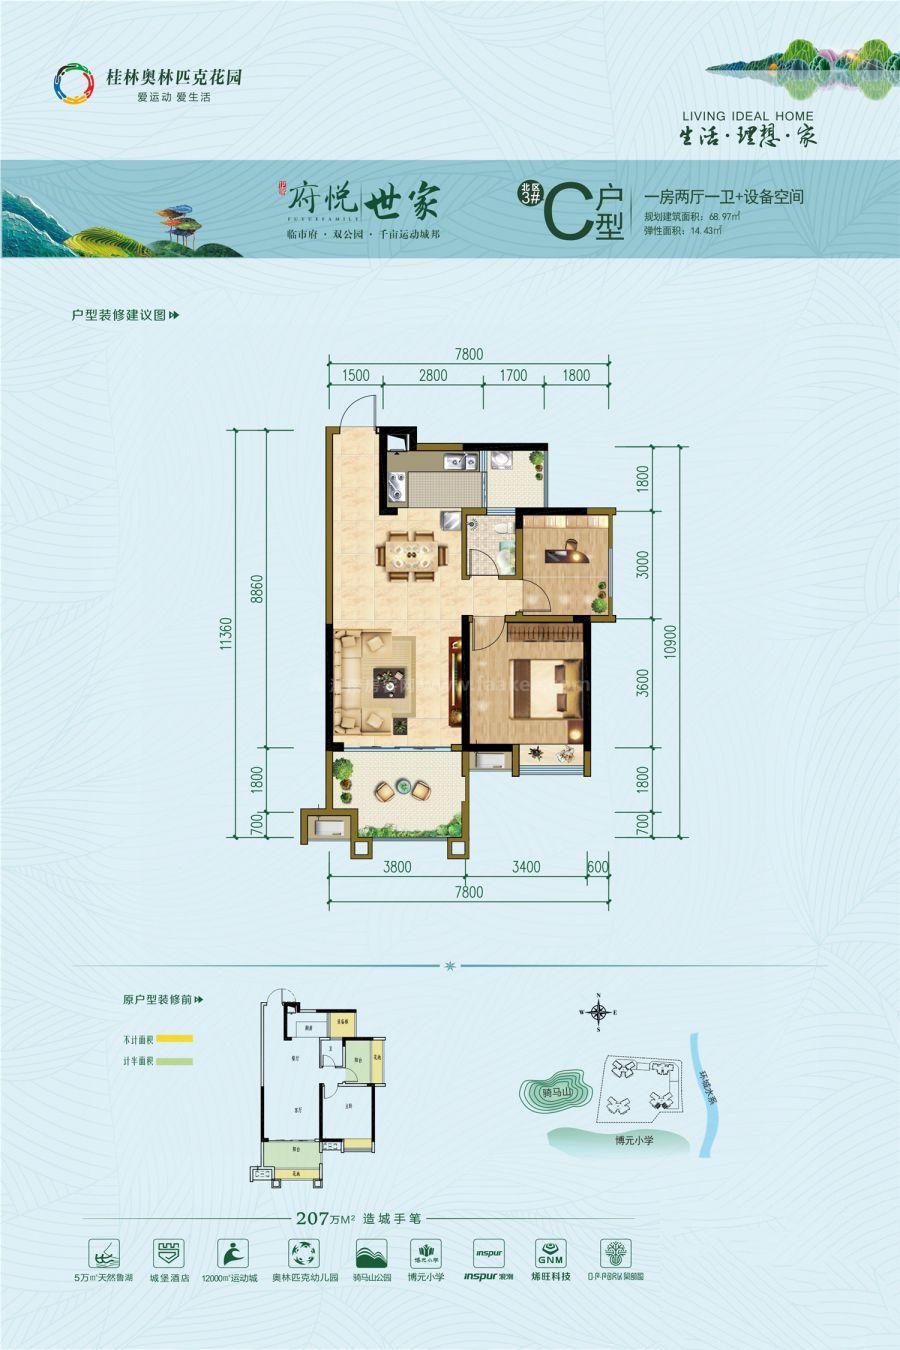 府悦世家北区3#C户型 一房两厅一卫+设备间 建面69㎡